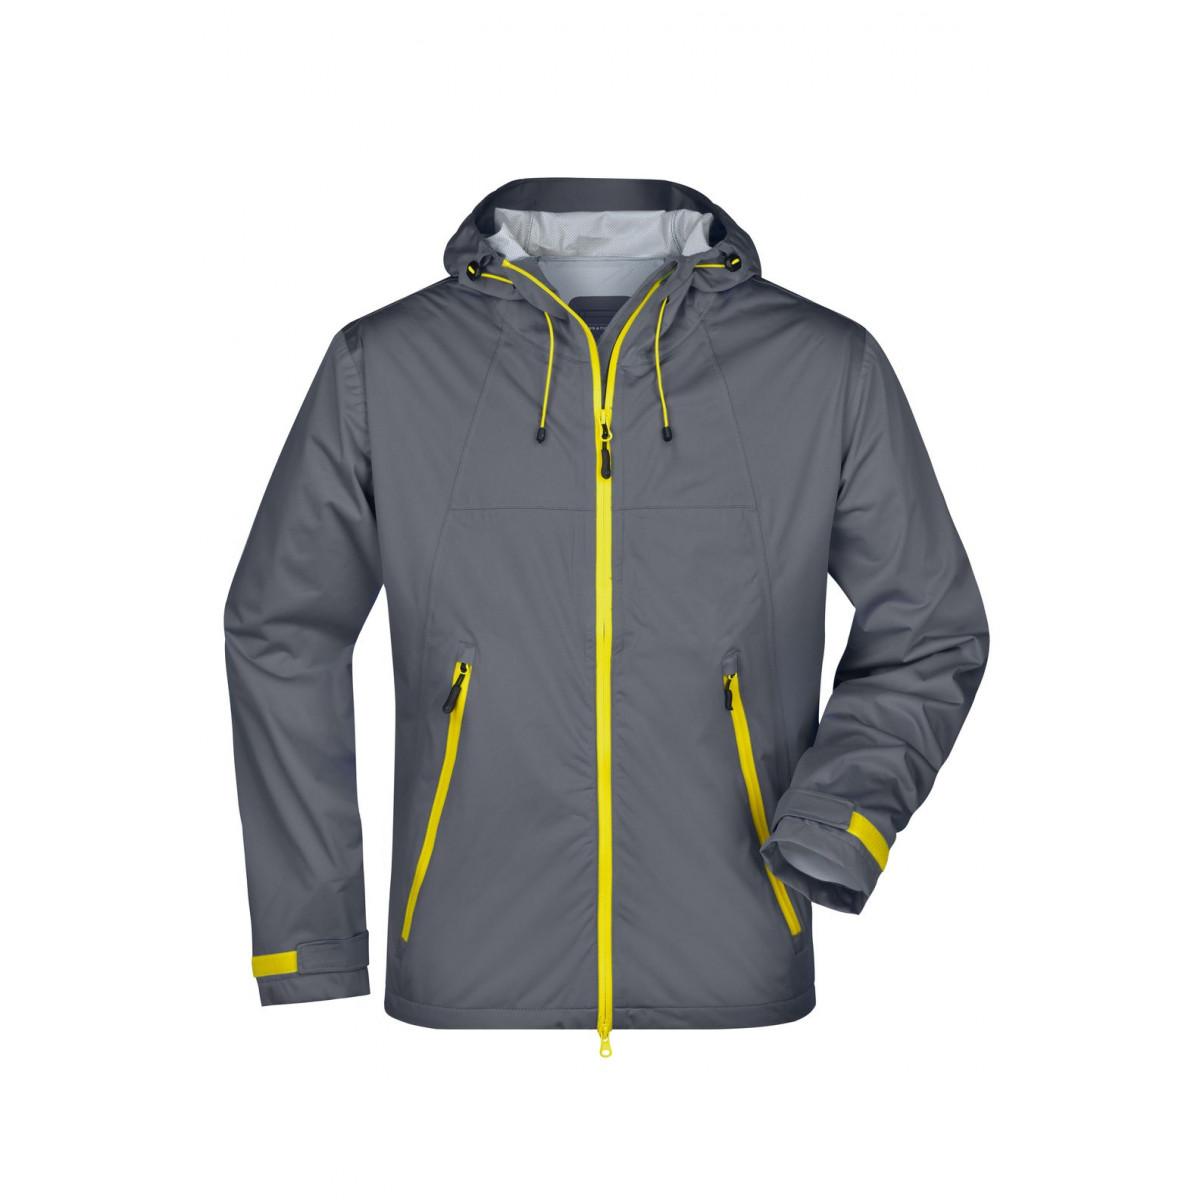 Куртка мужская JN1098 Mens Outdoor Jacket - Стальной/Желтый